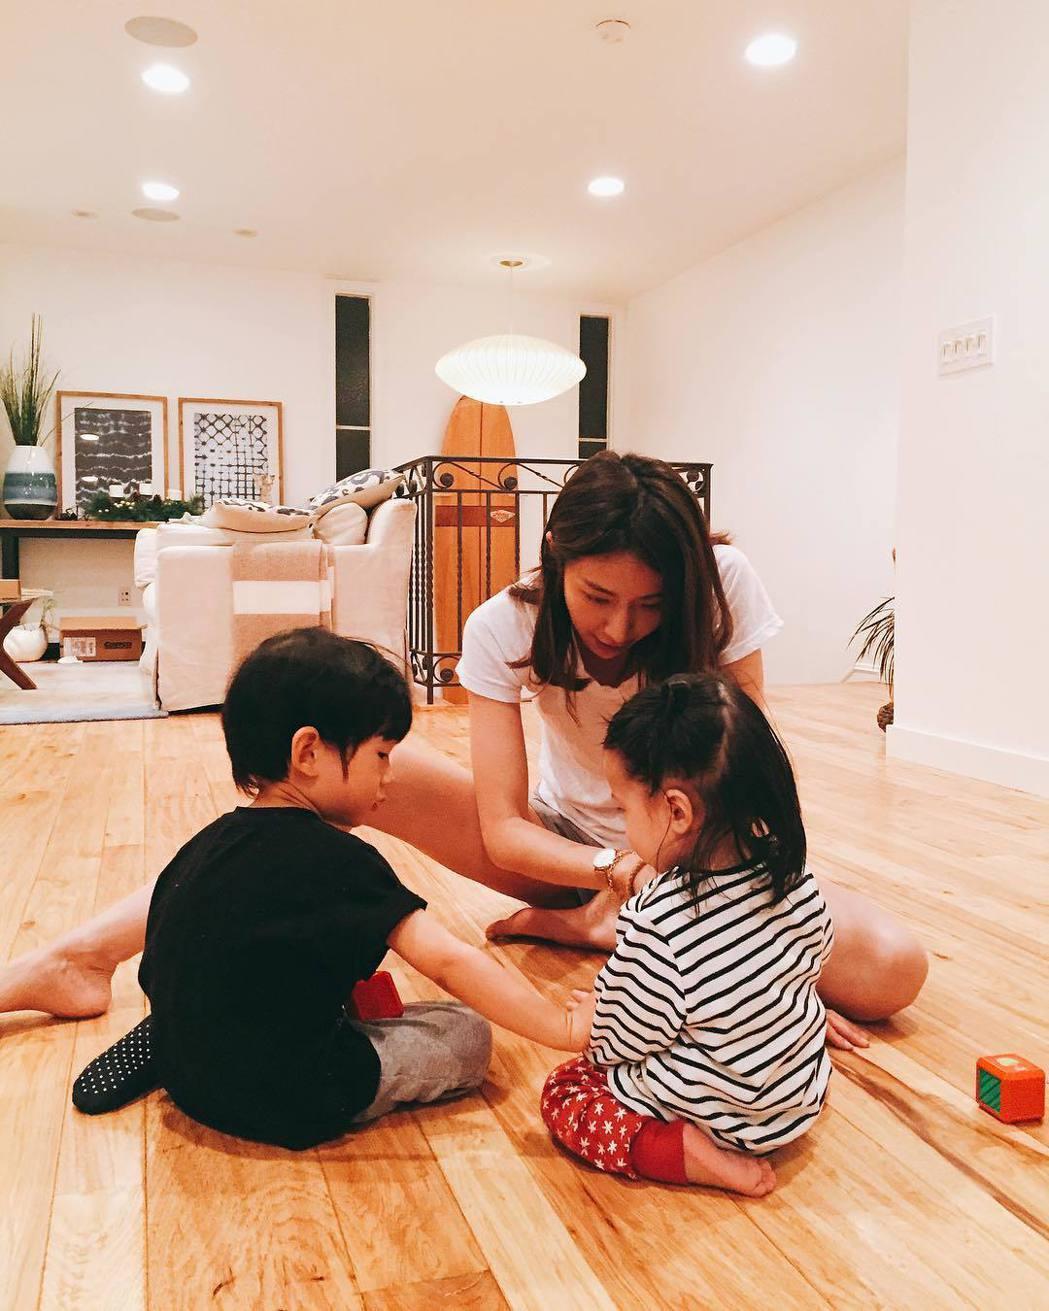 隋棠常分享與孩子互動的家居生活照。圖/擷自IG